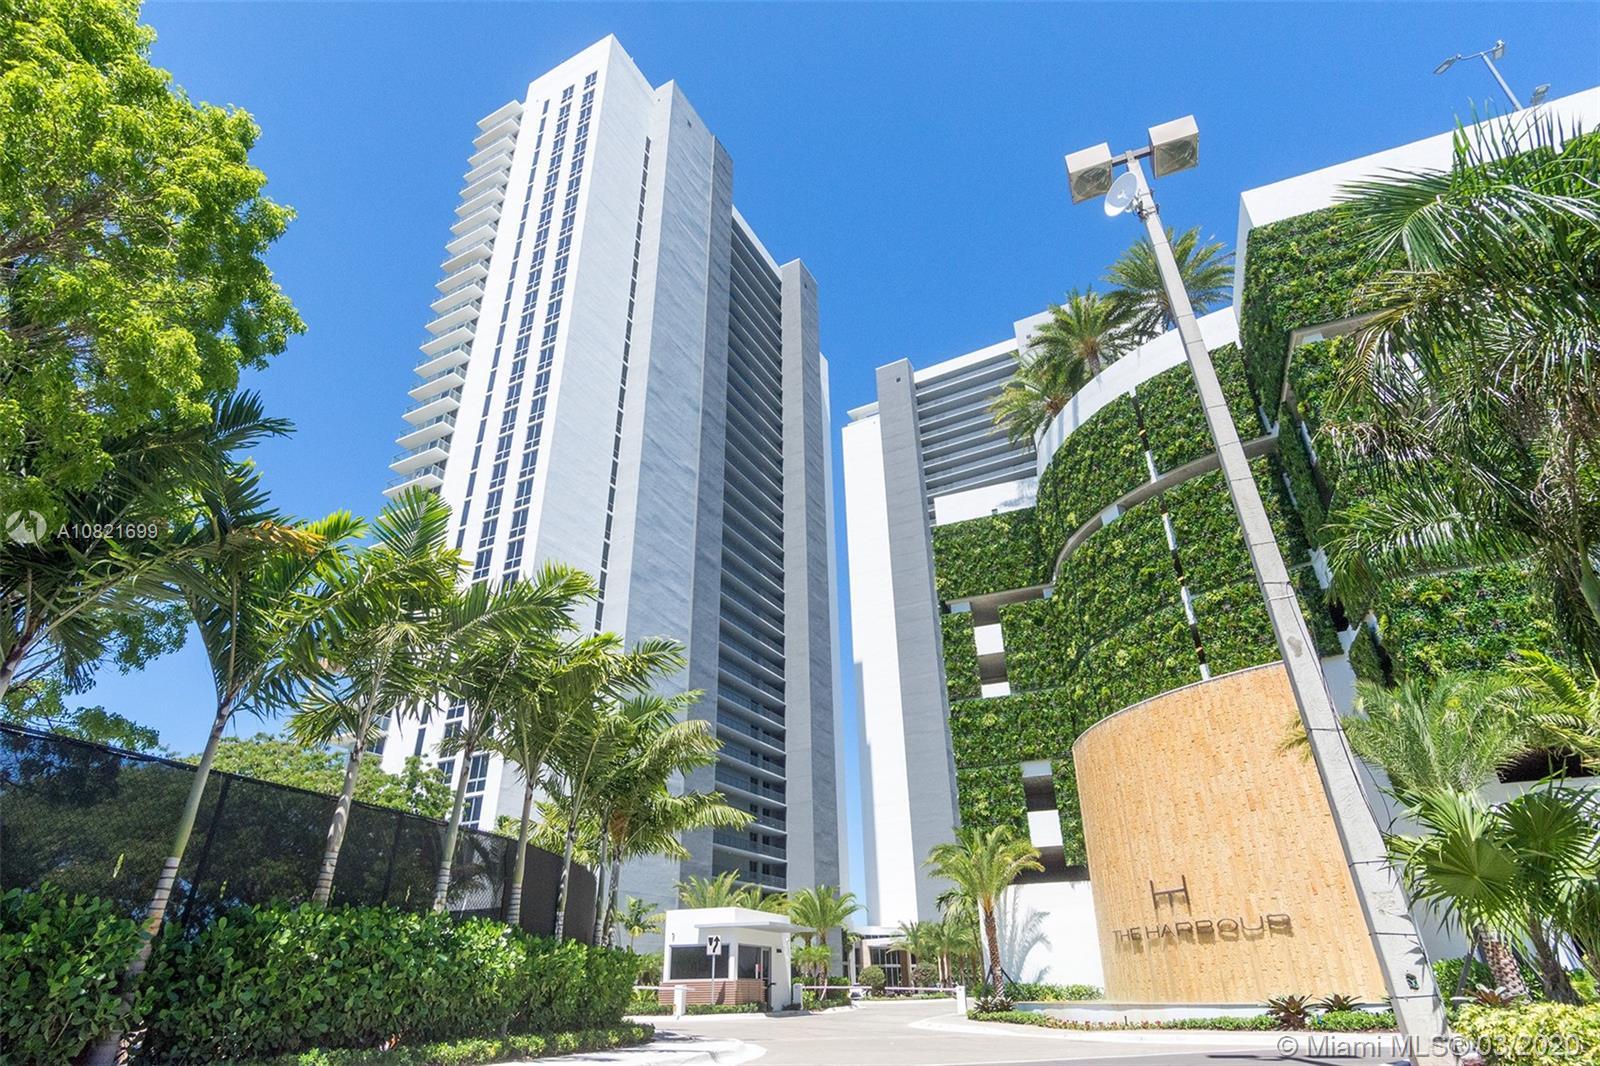 16385 Biscayne Blvd #904, North Miami Beach, FL 33160 - North Miami Beach, FL real estate listing